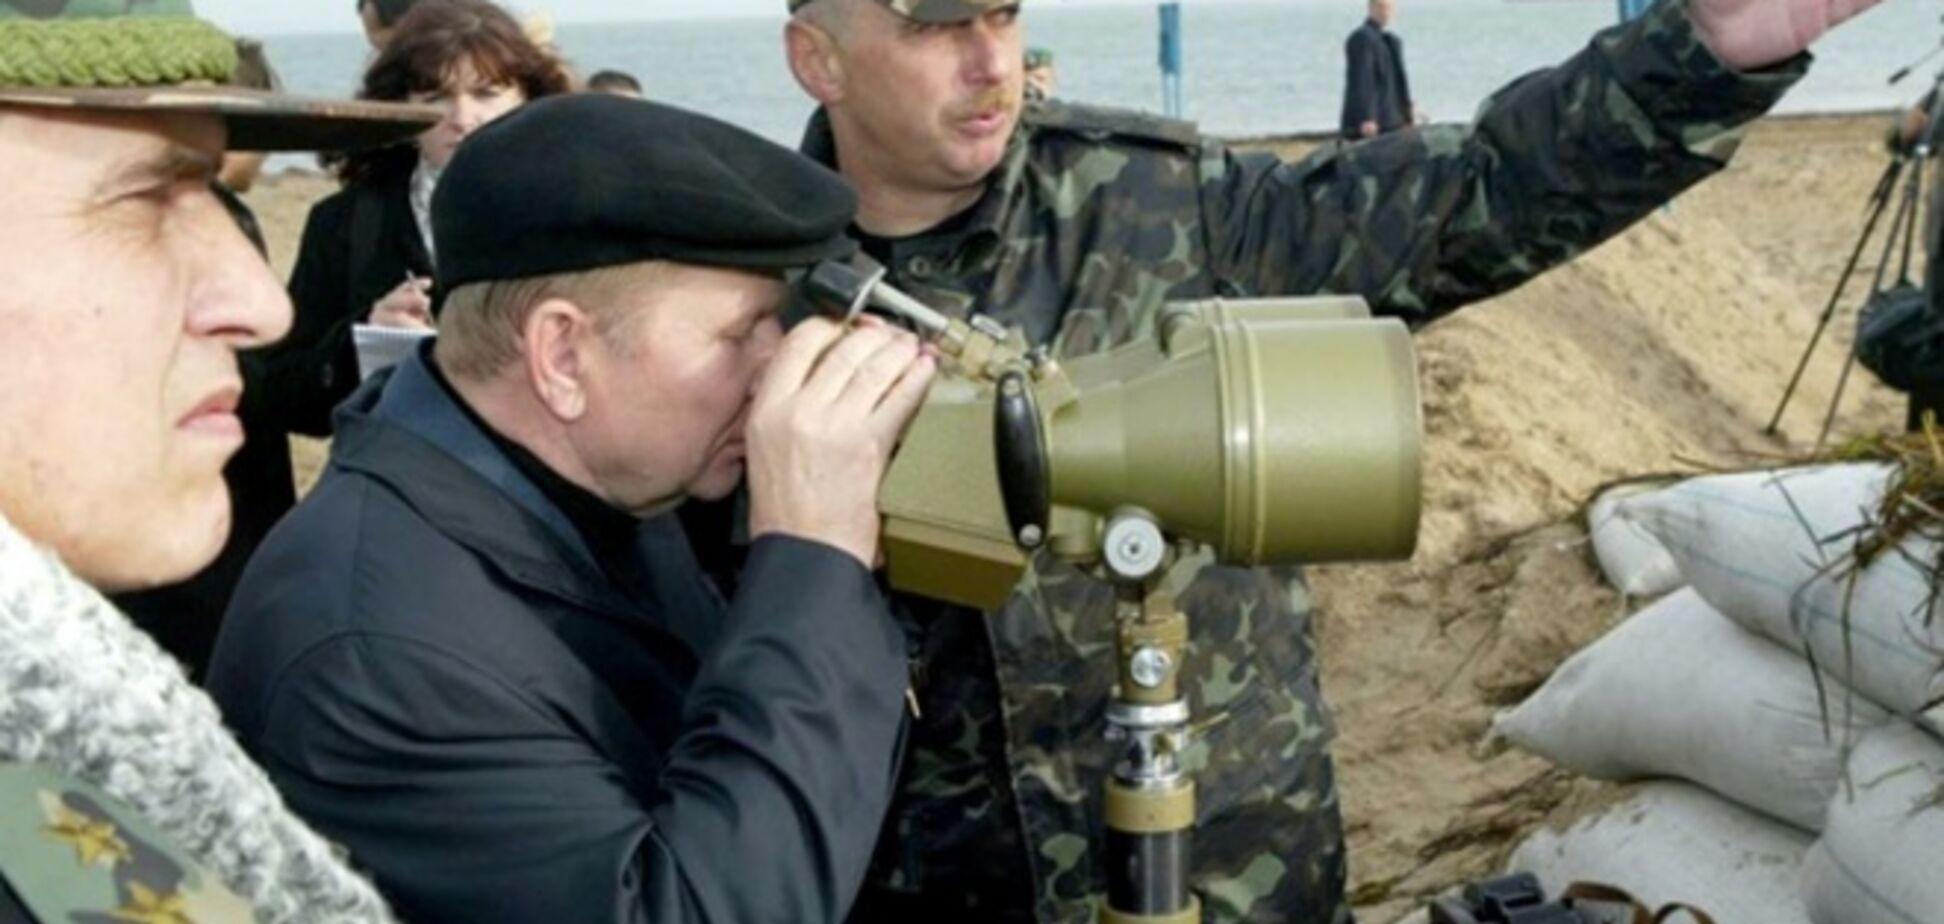 О генералах Кучмы: на канале Пинчука рассказали о ворах, но забыли об организаторе